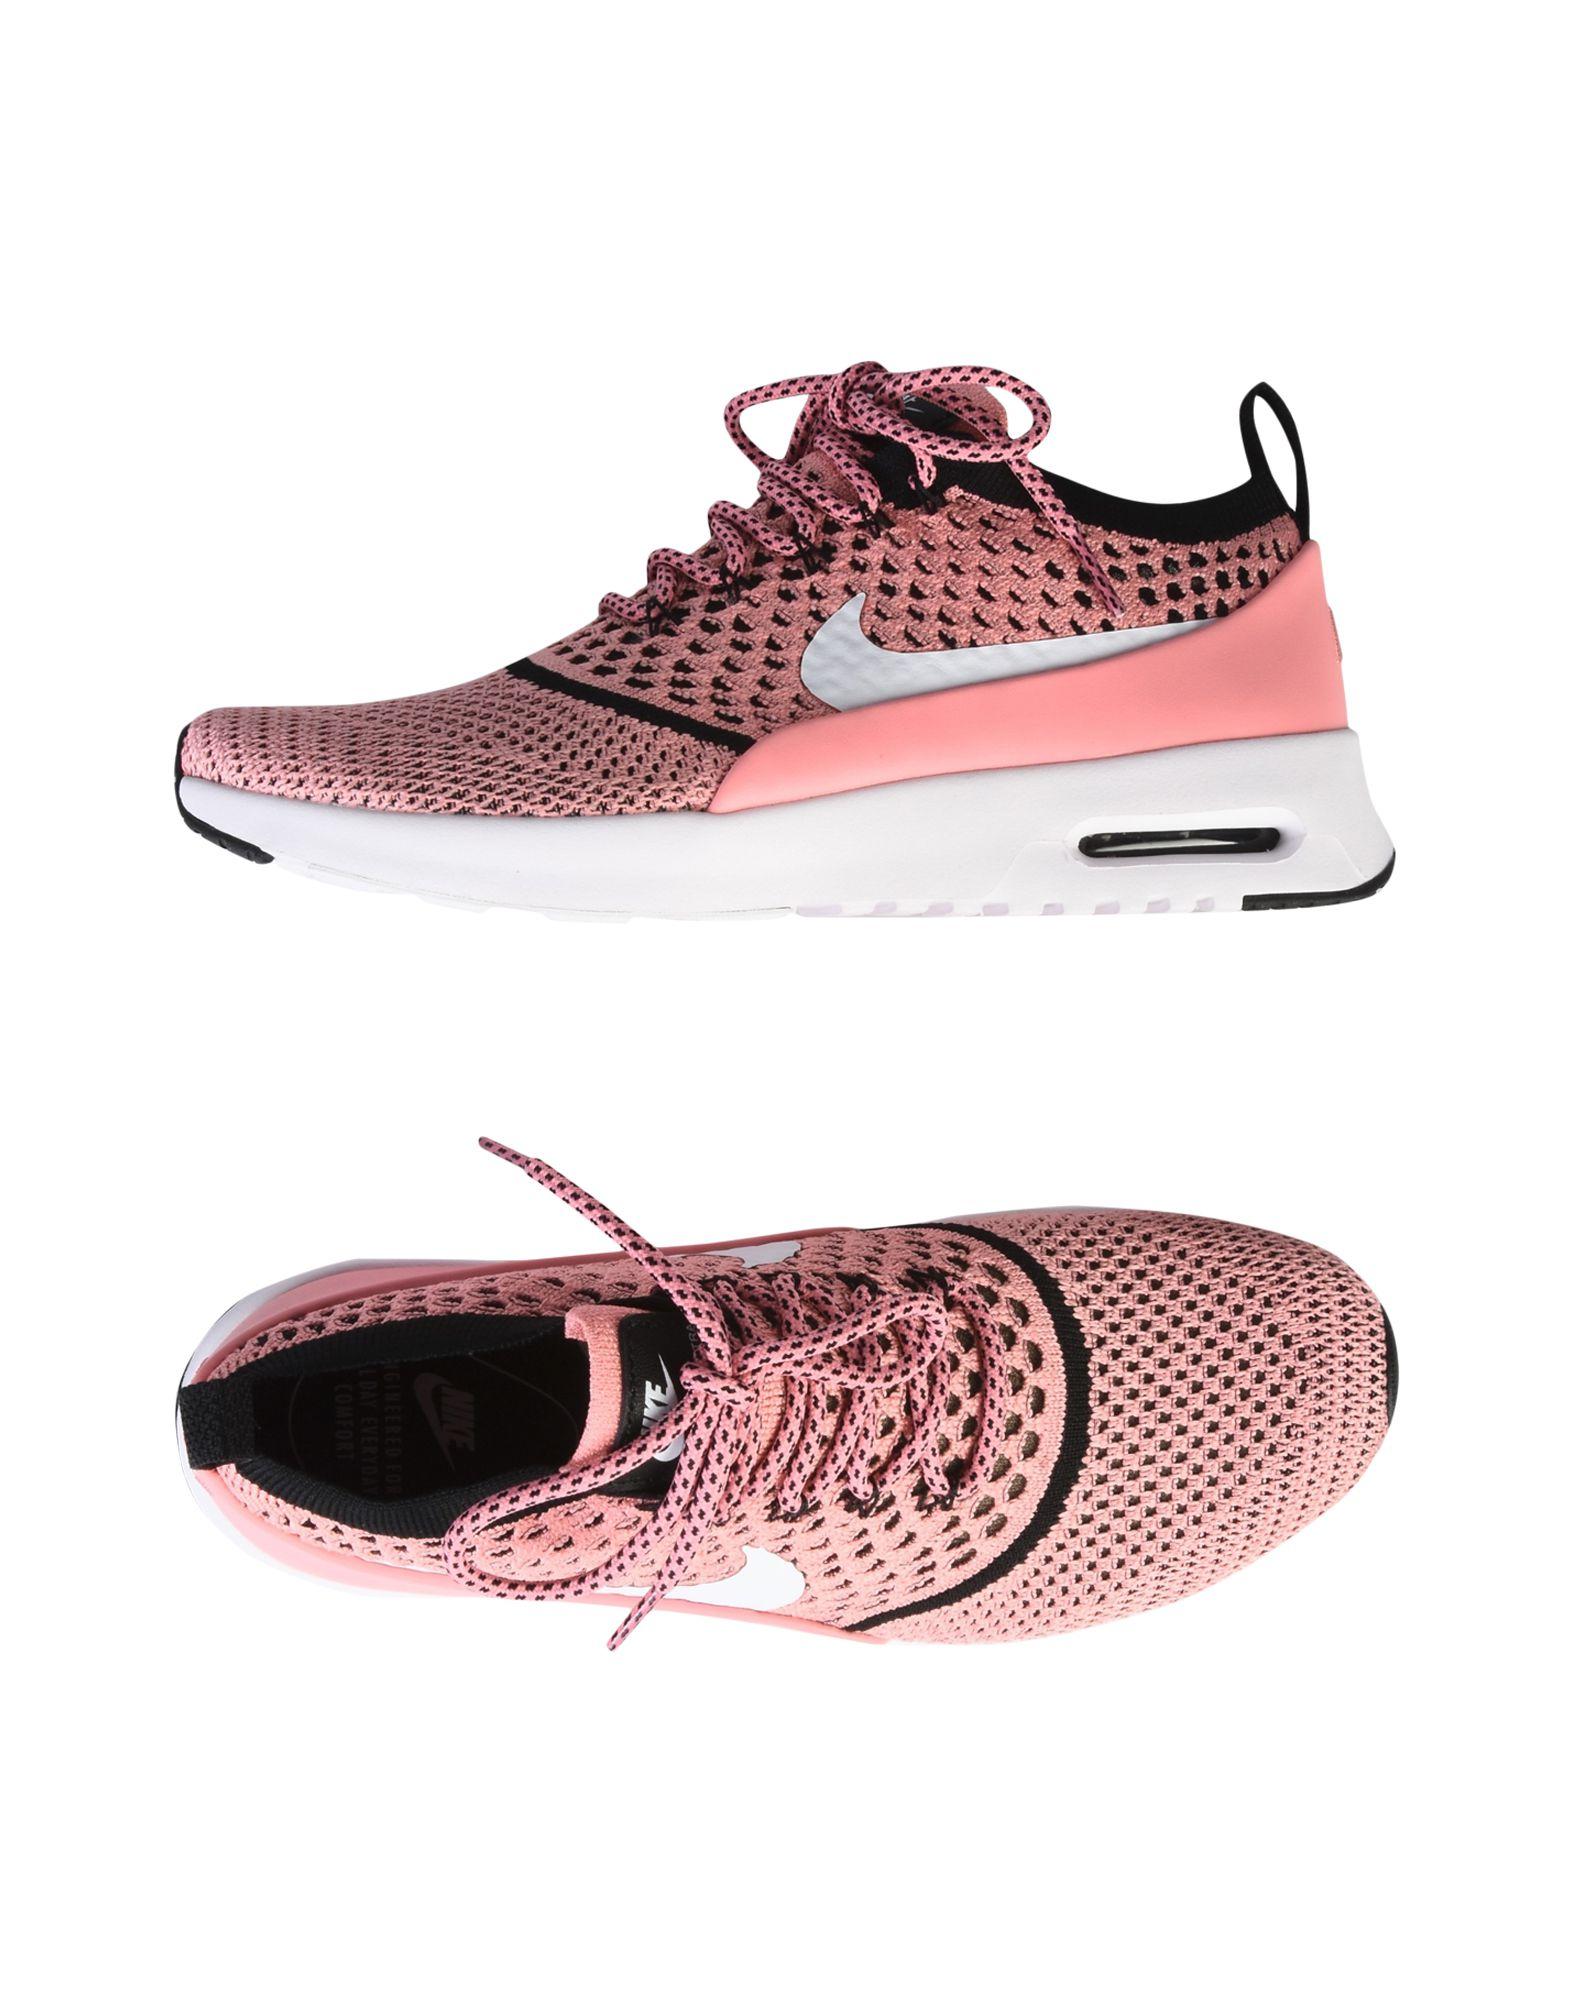 NIKE Damen Low Sneakers & Tennisschuhe Farbe Rosa Größe 4 jetztbilligerkaufen